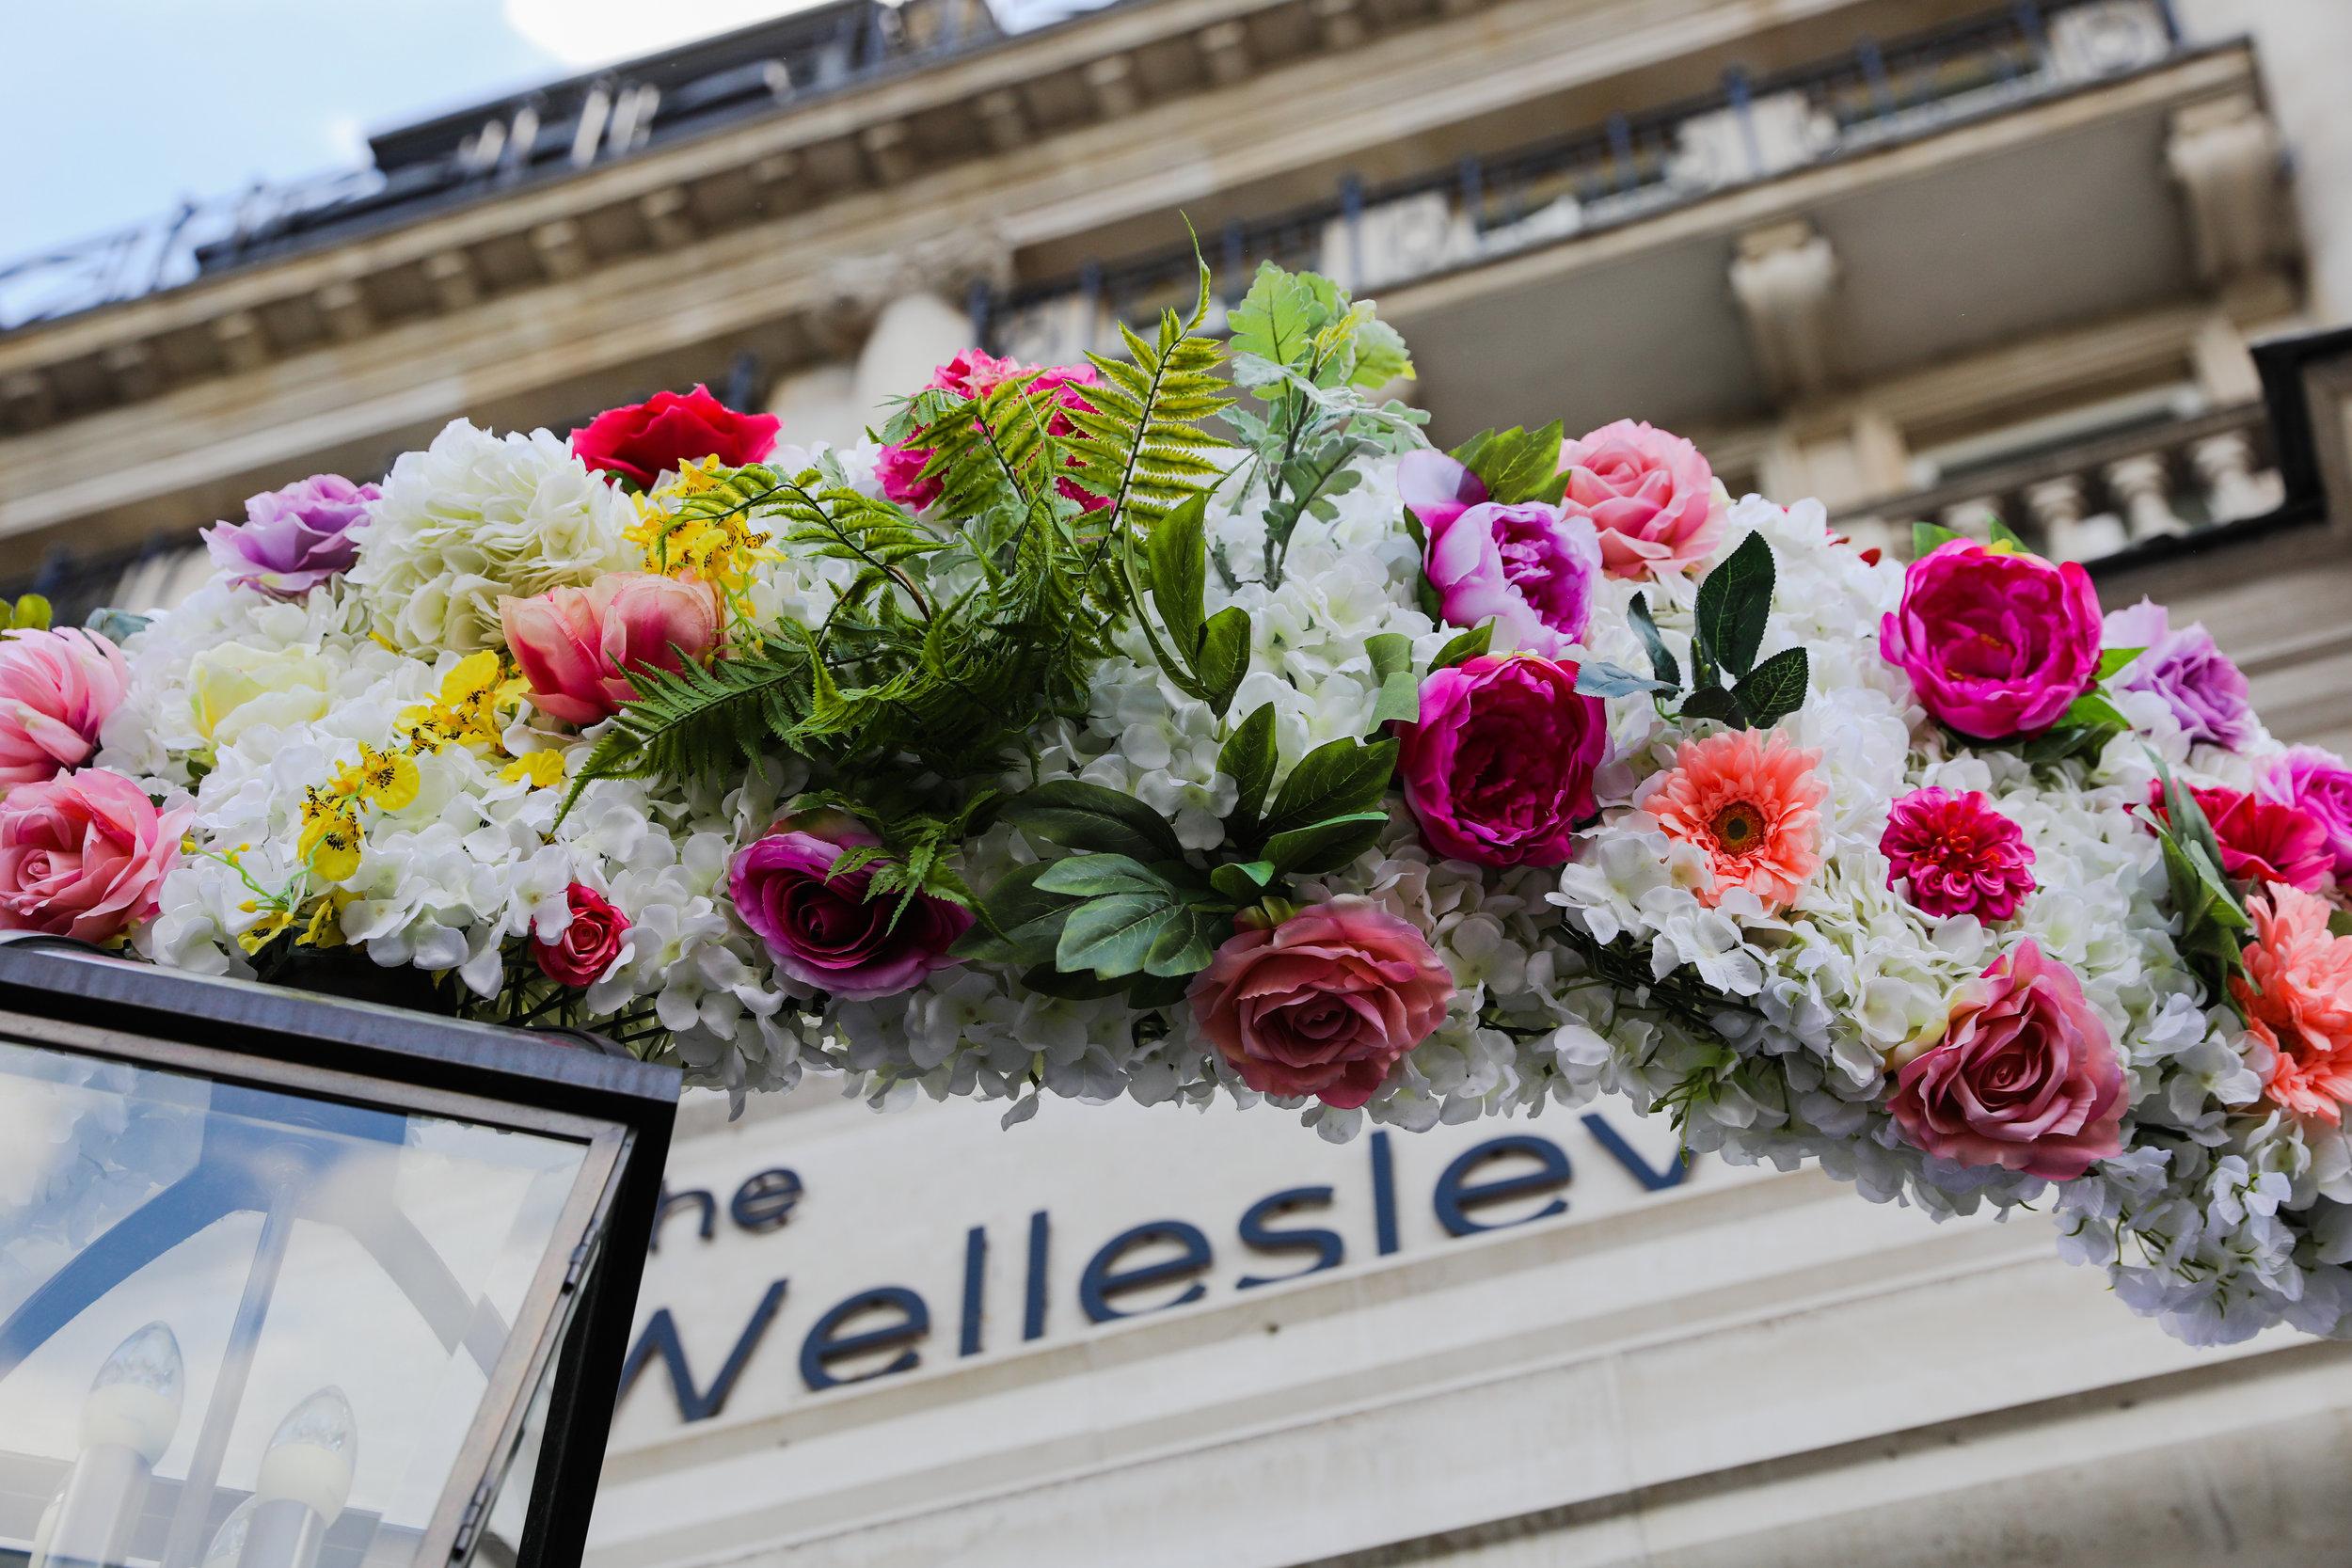 The Wellesley -3744.jpg